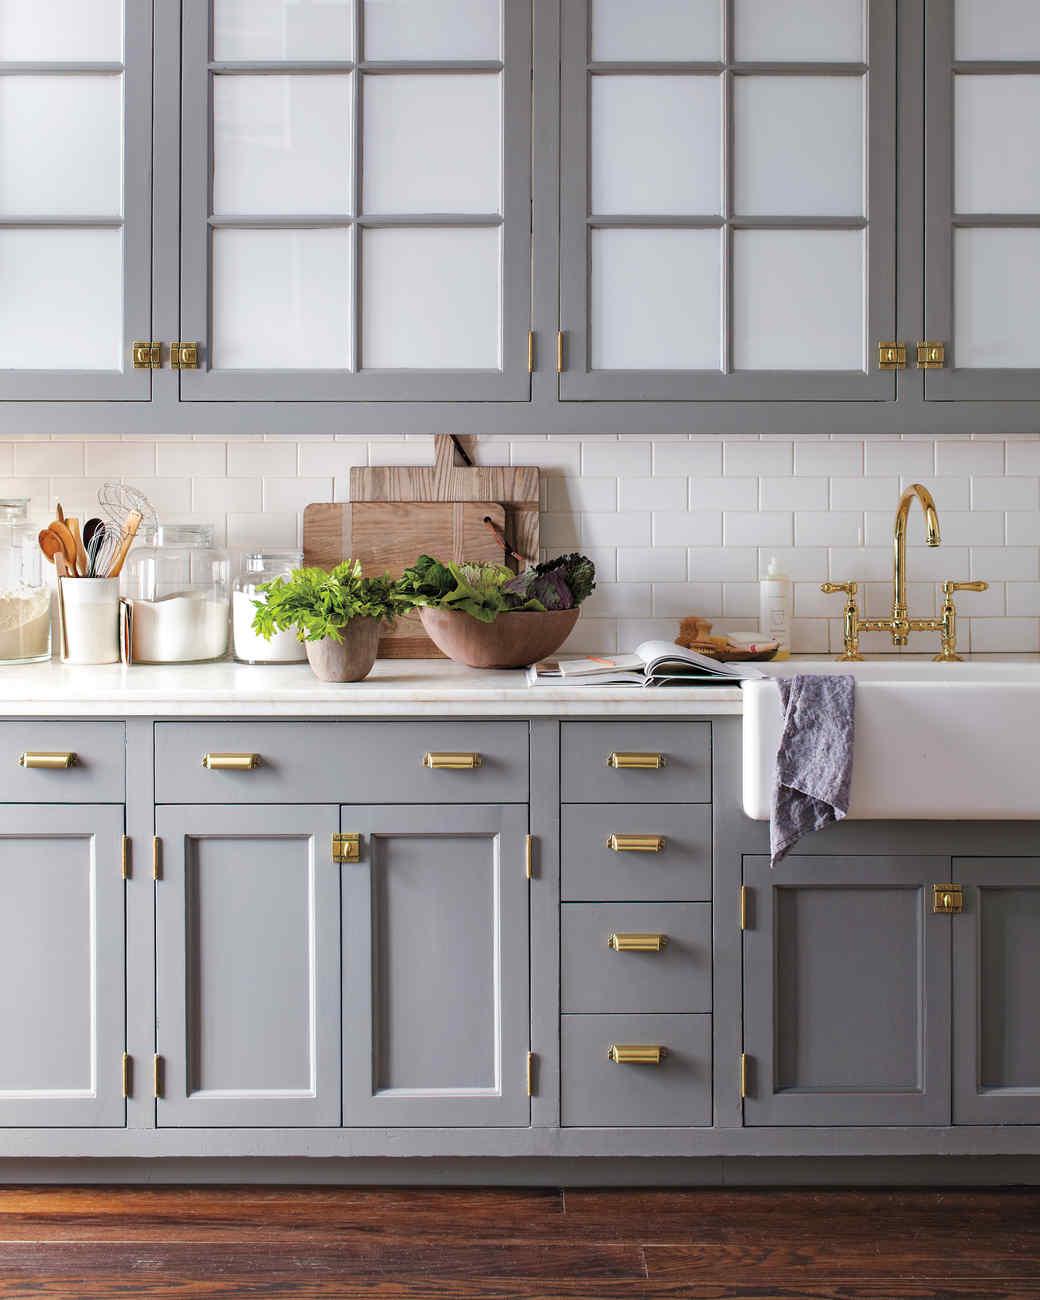 kitchen-detail-018r-md110772.jpg